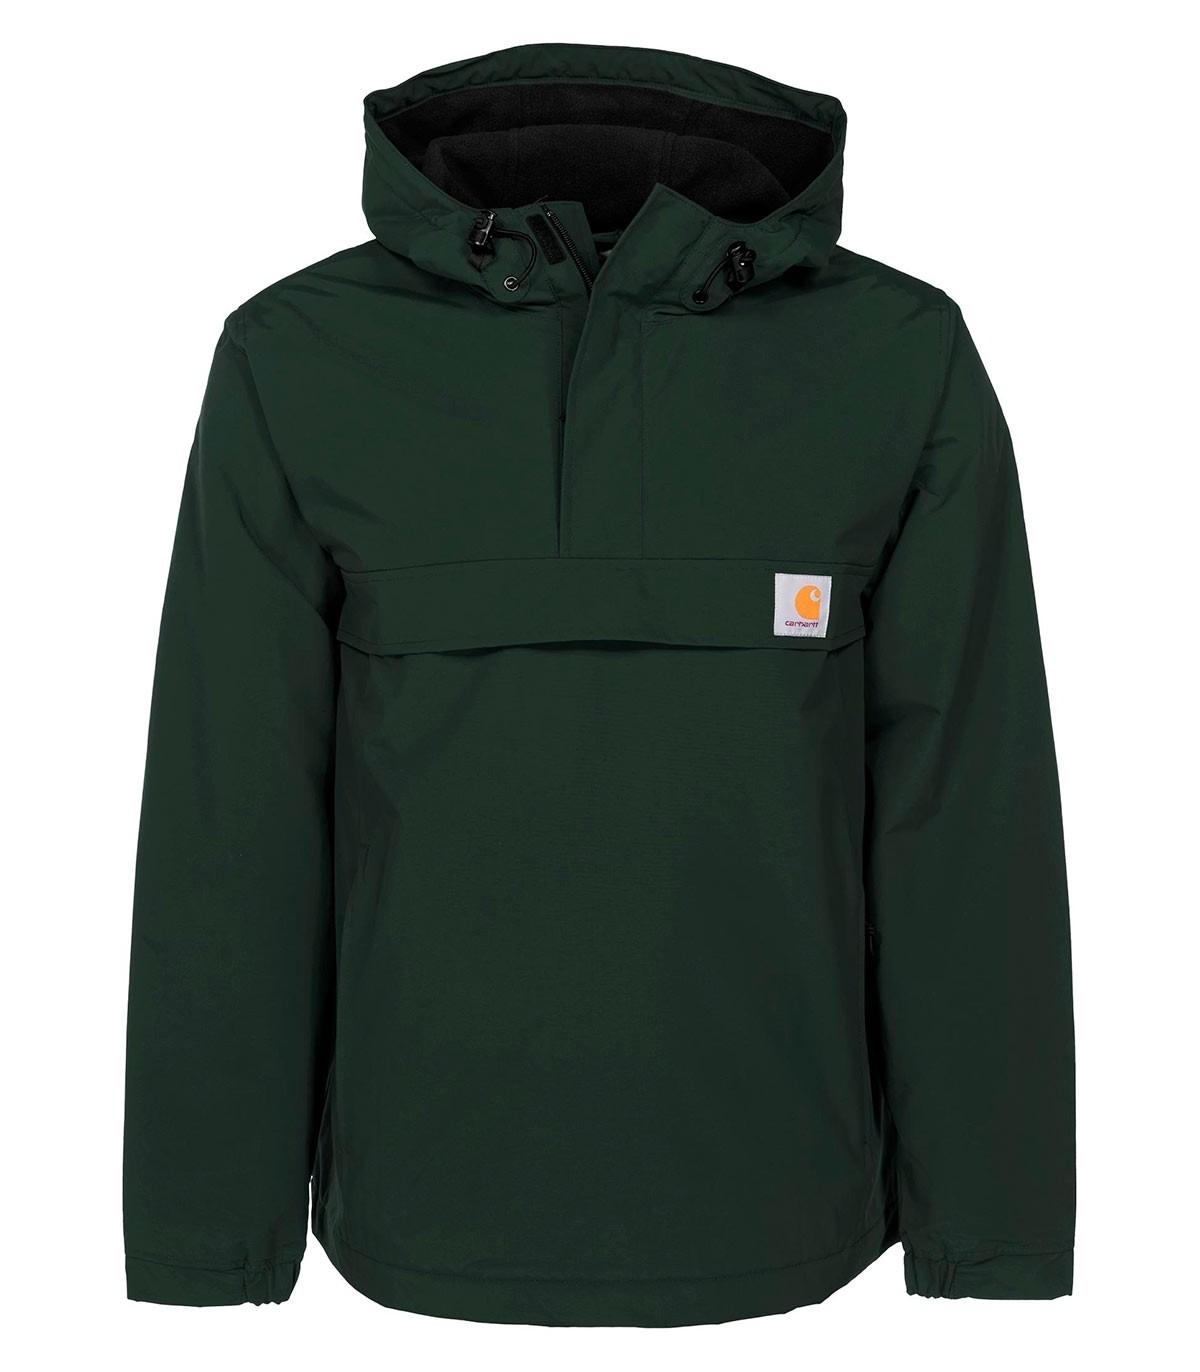 Carhartt Online Pullover Nimbus Comprar Abrigo Ygq4dY